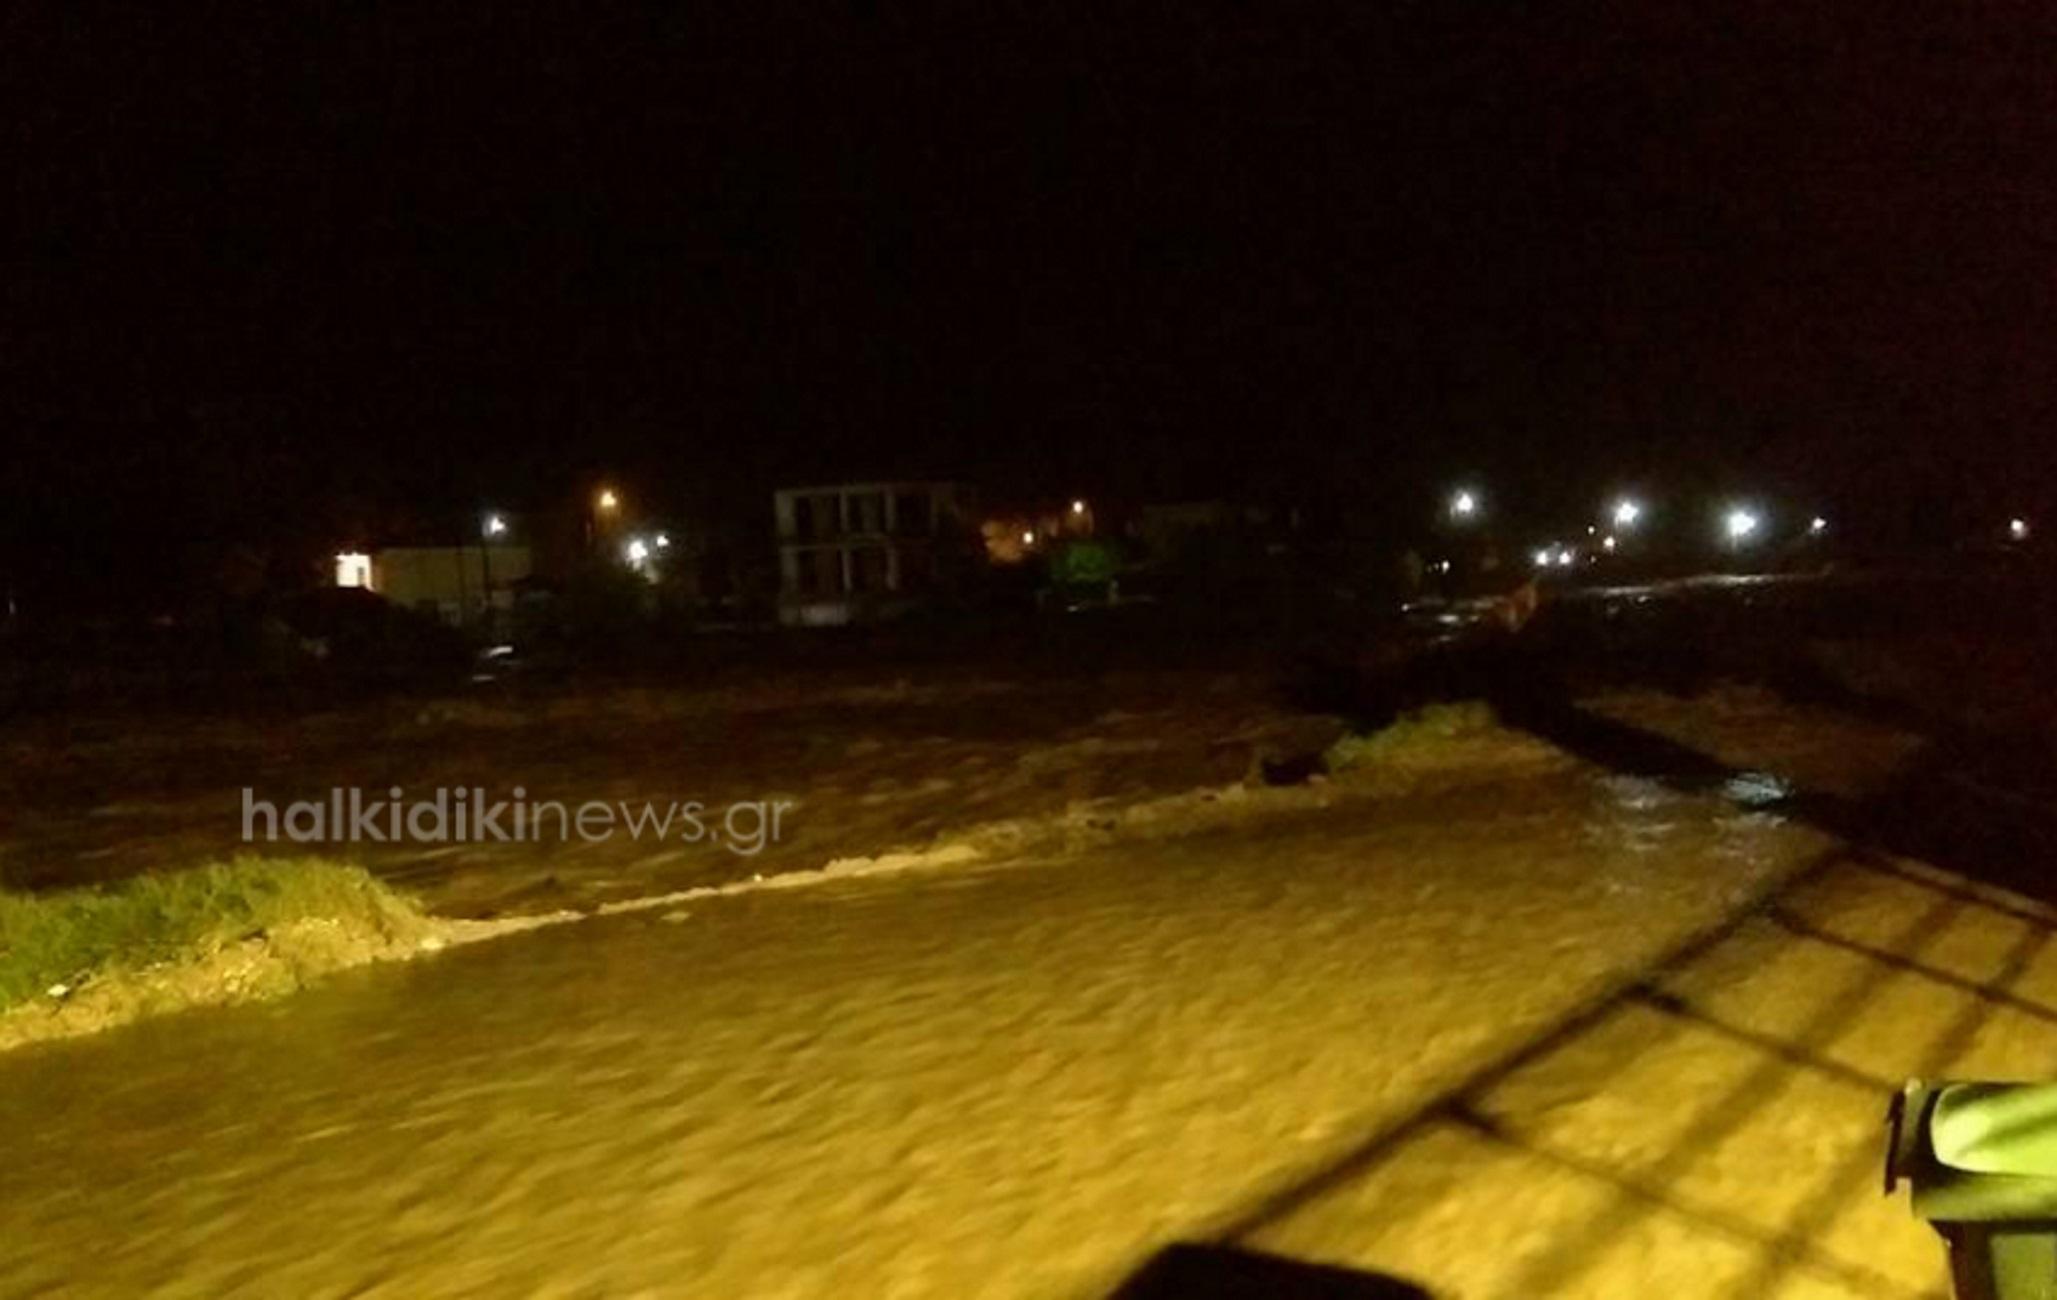 """Χαλκιδική: Έσπασαν φράγματα και πλημμύρισαν χωριά – """"Βούλιαξαν"""" ξανά η Ολυμπιάδα και η Ιερισσός [pics, video]"""